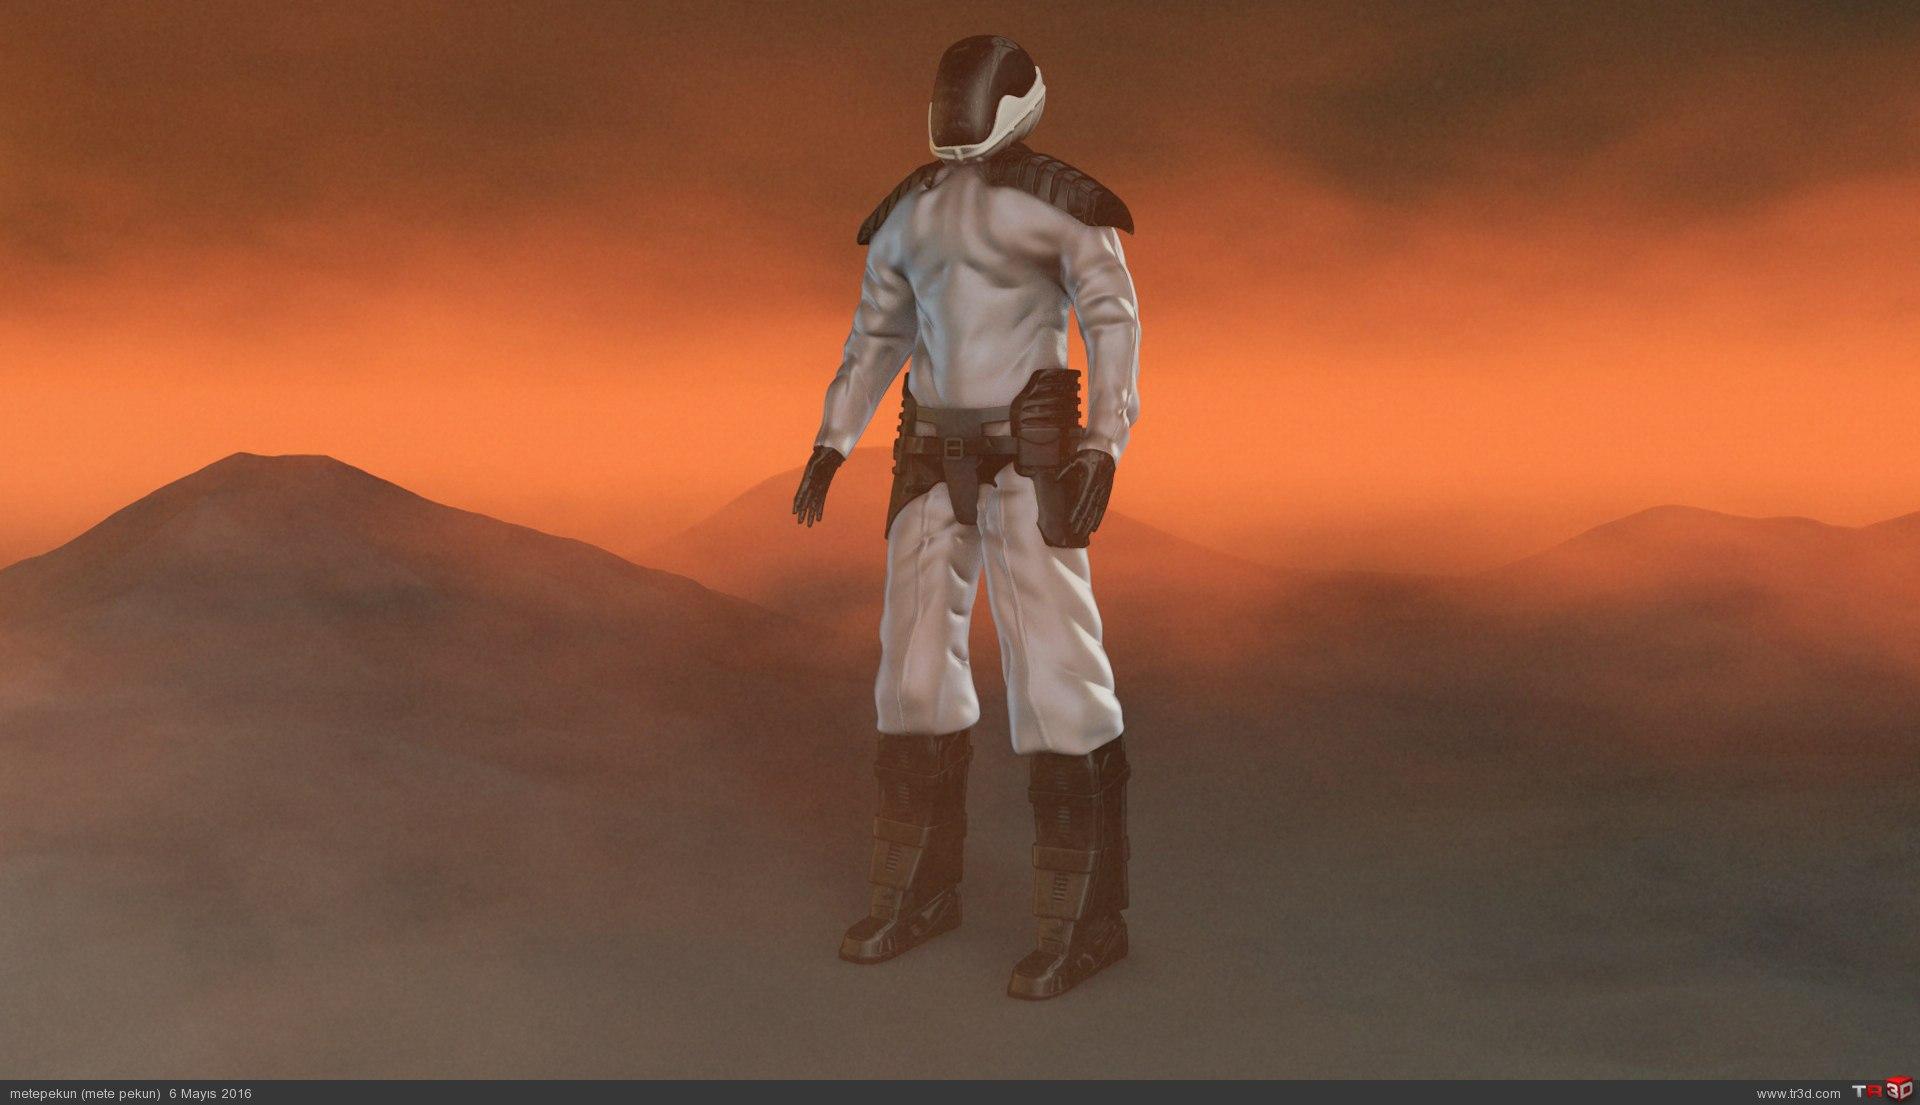 On Mars 3